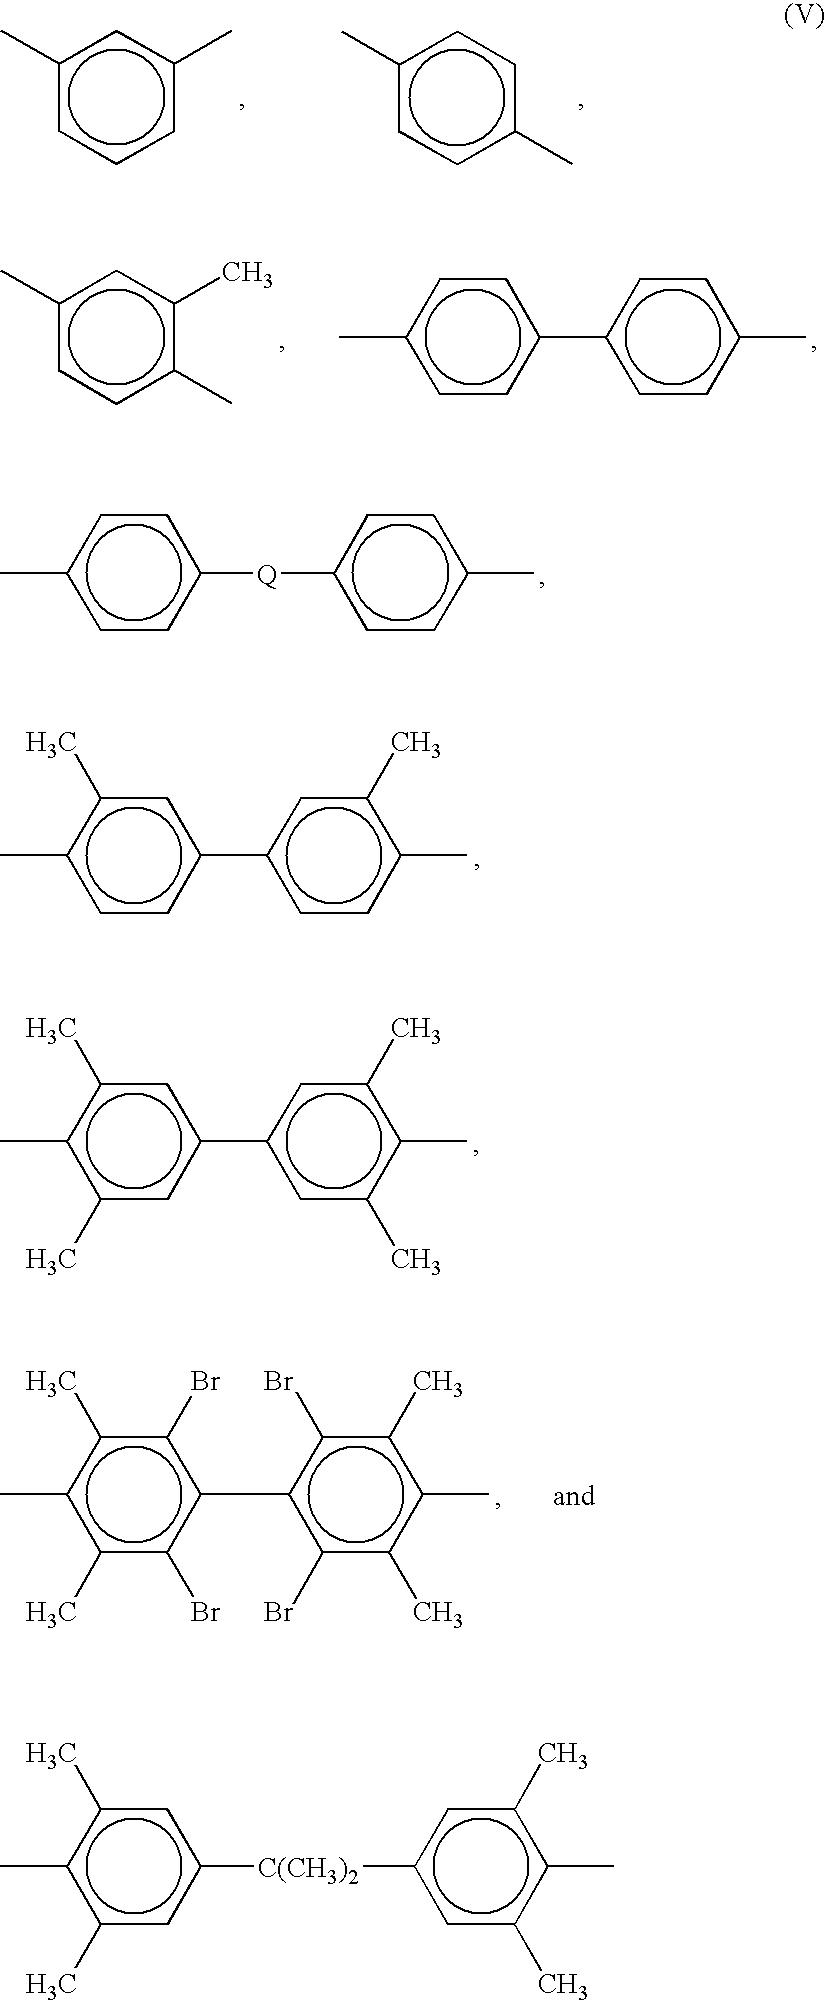 Figure US20070299213A1-20071227-C00011